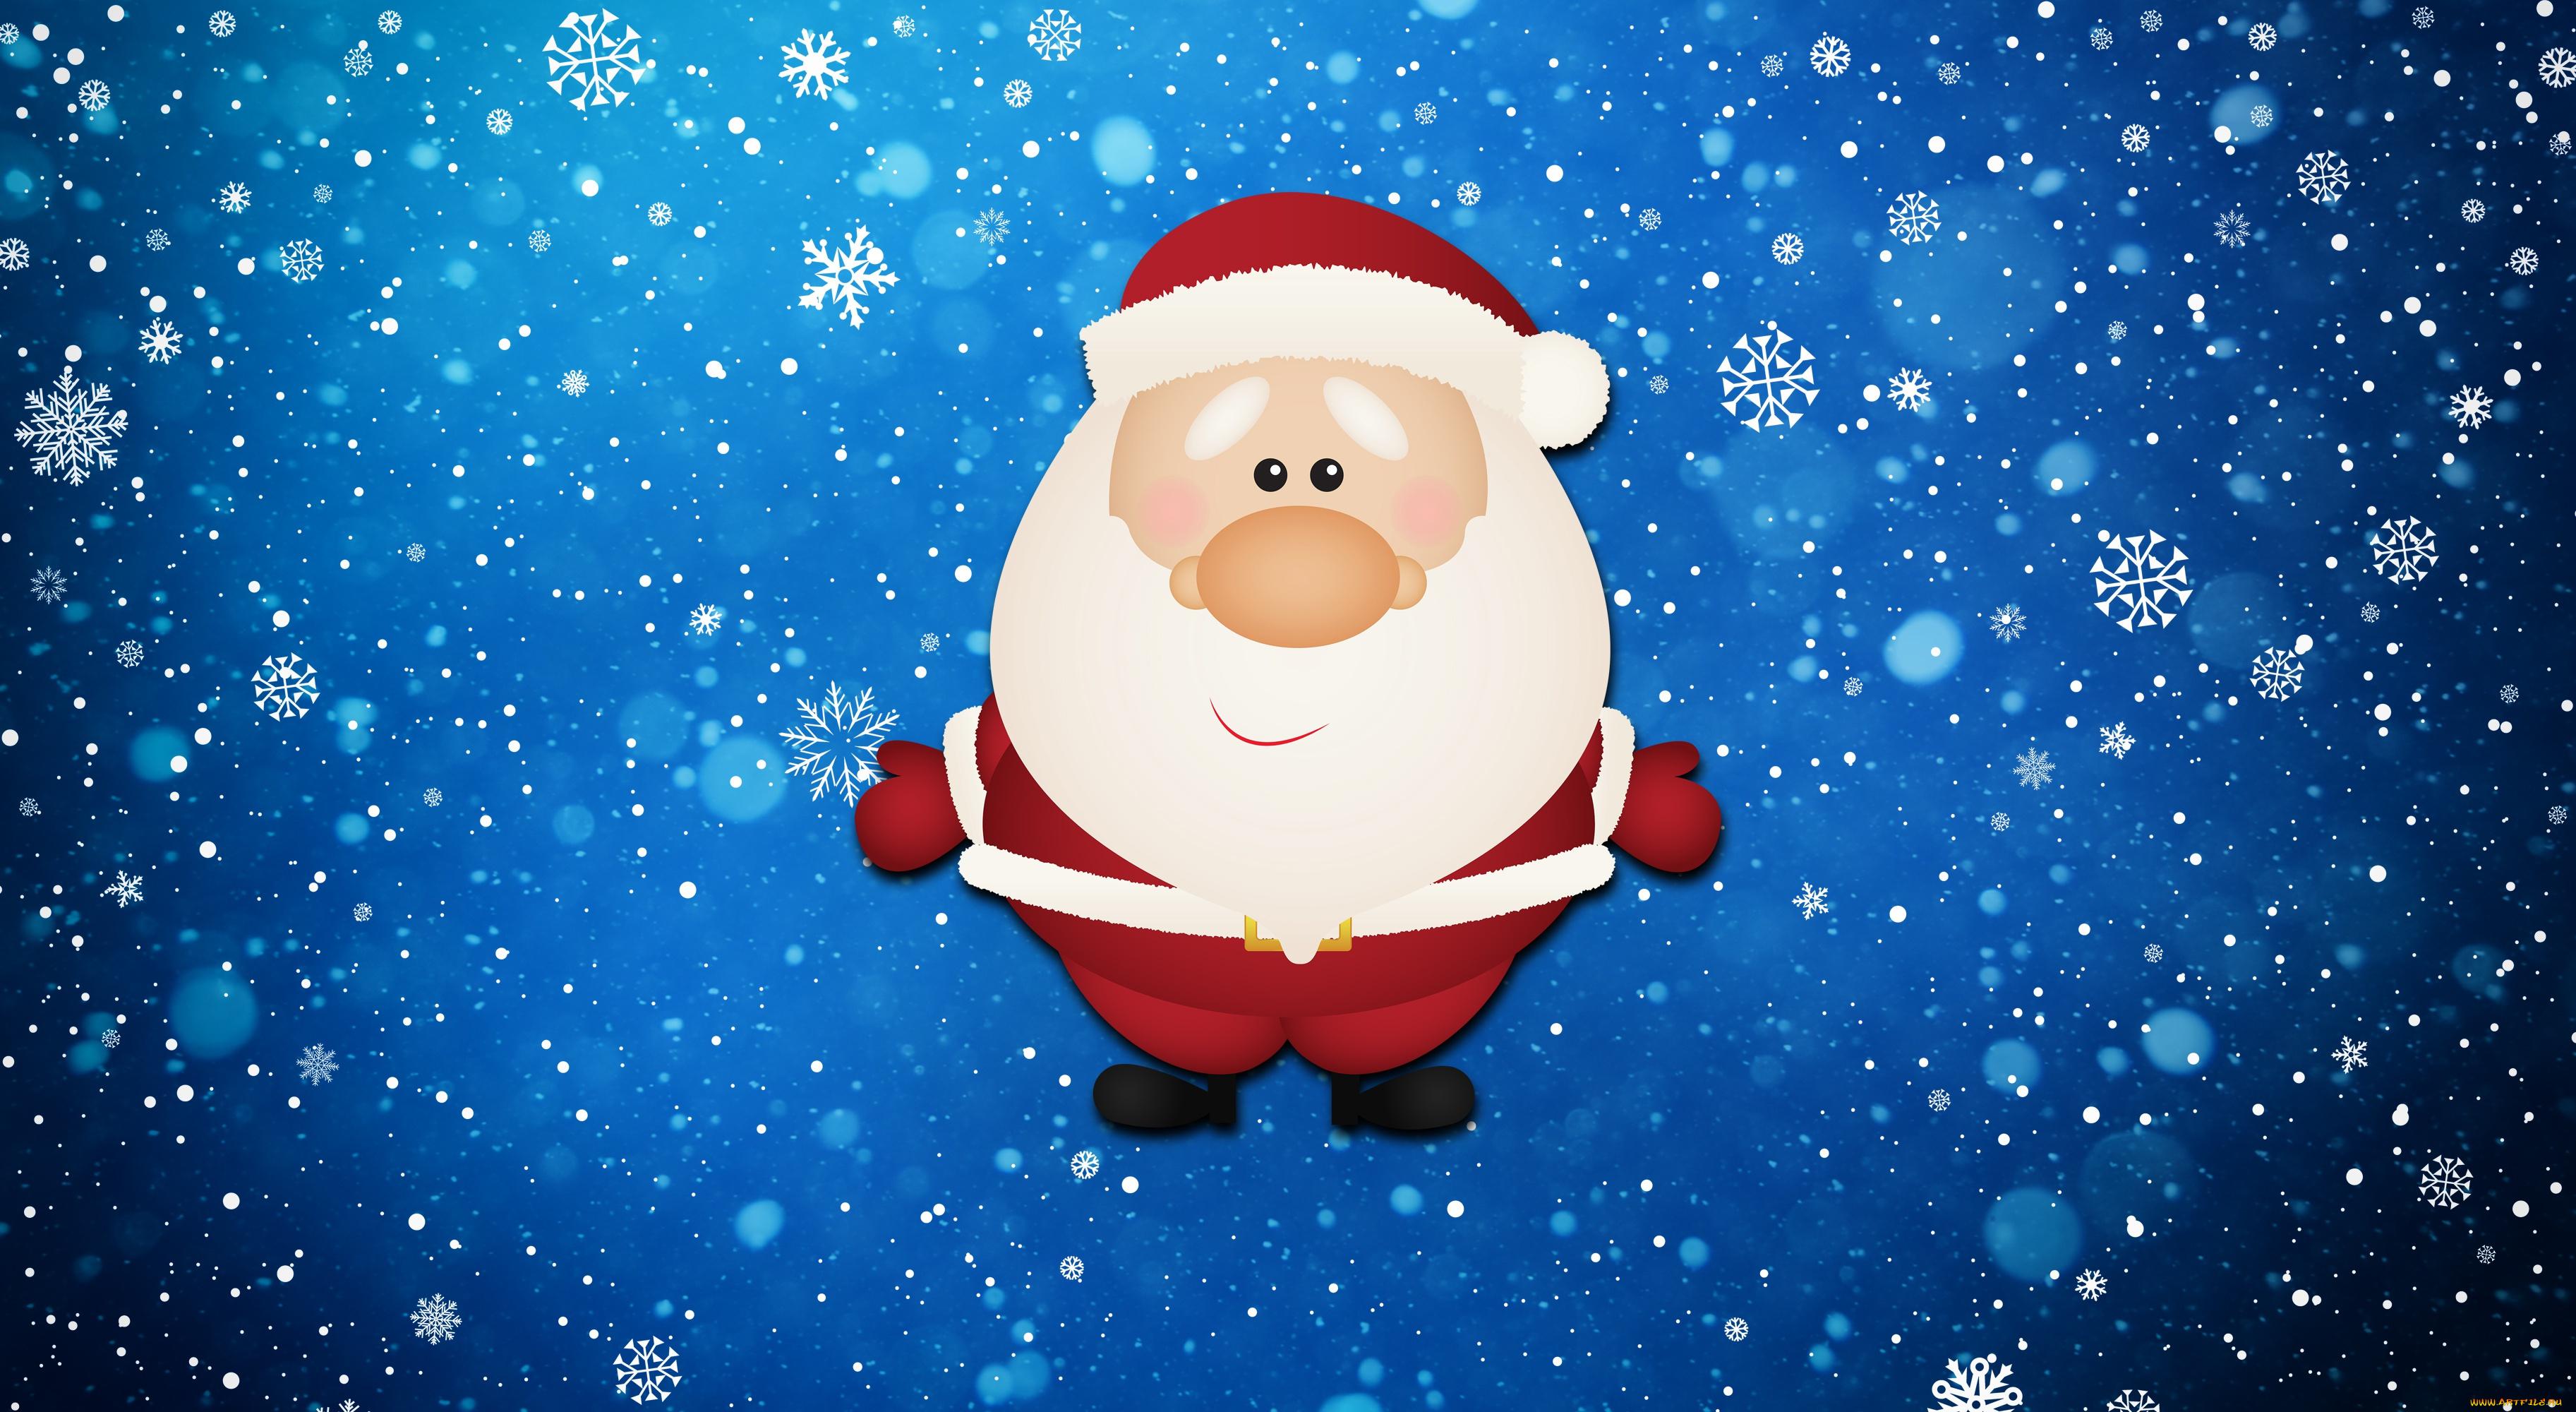 Санта-Клаус  № 967546 бесплатно